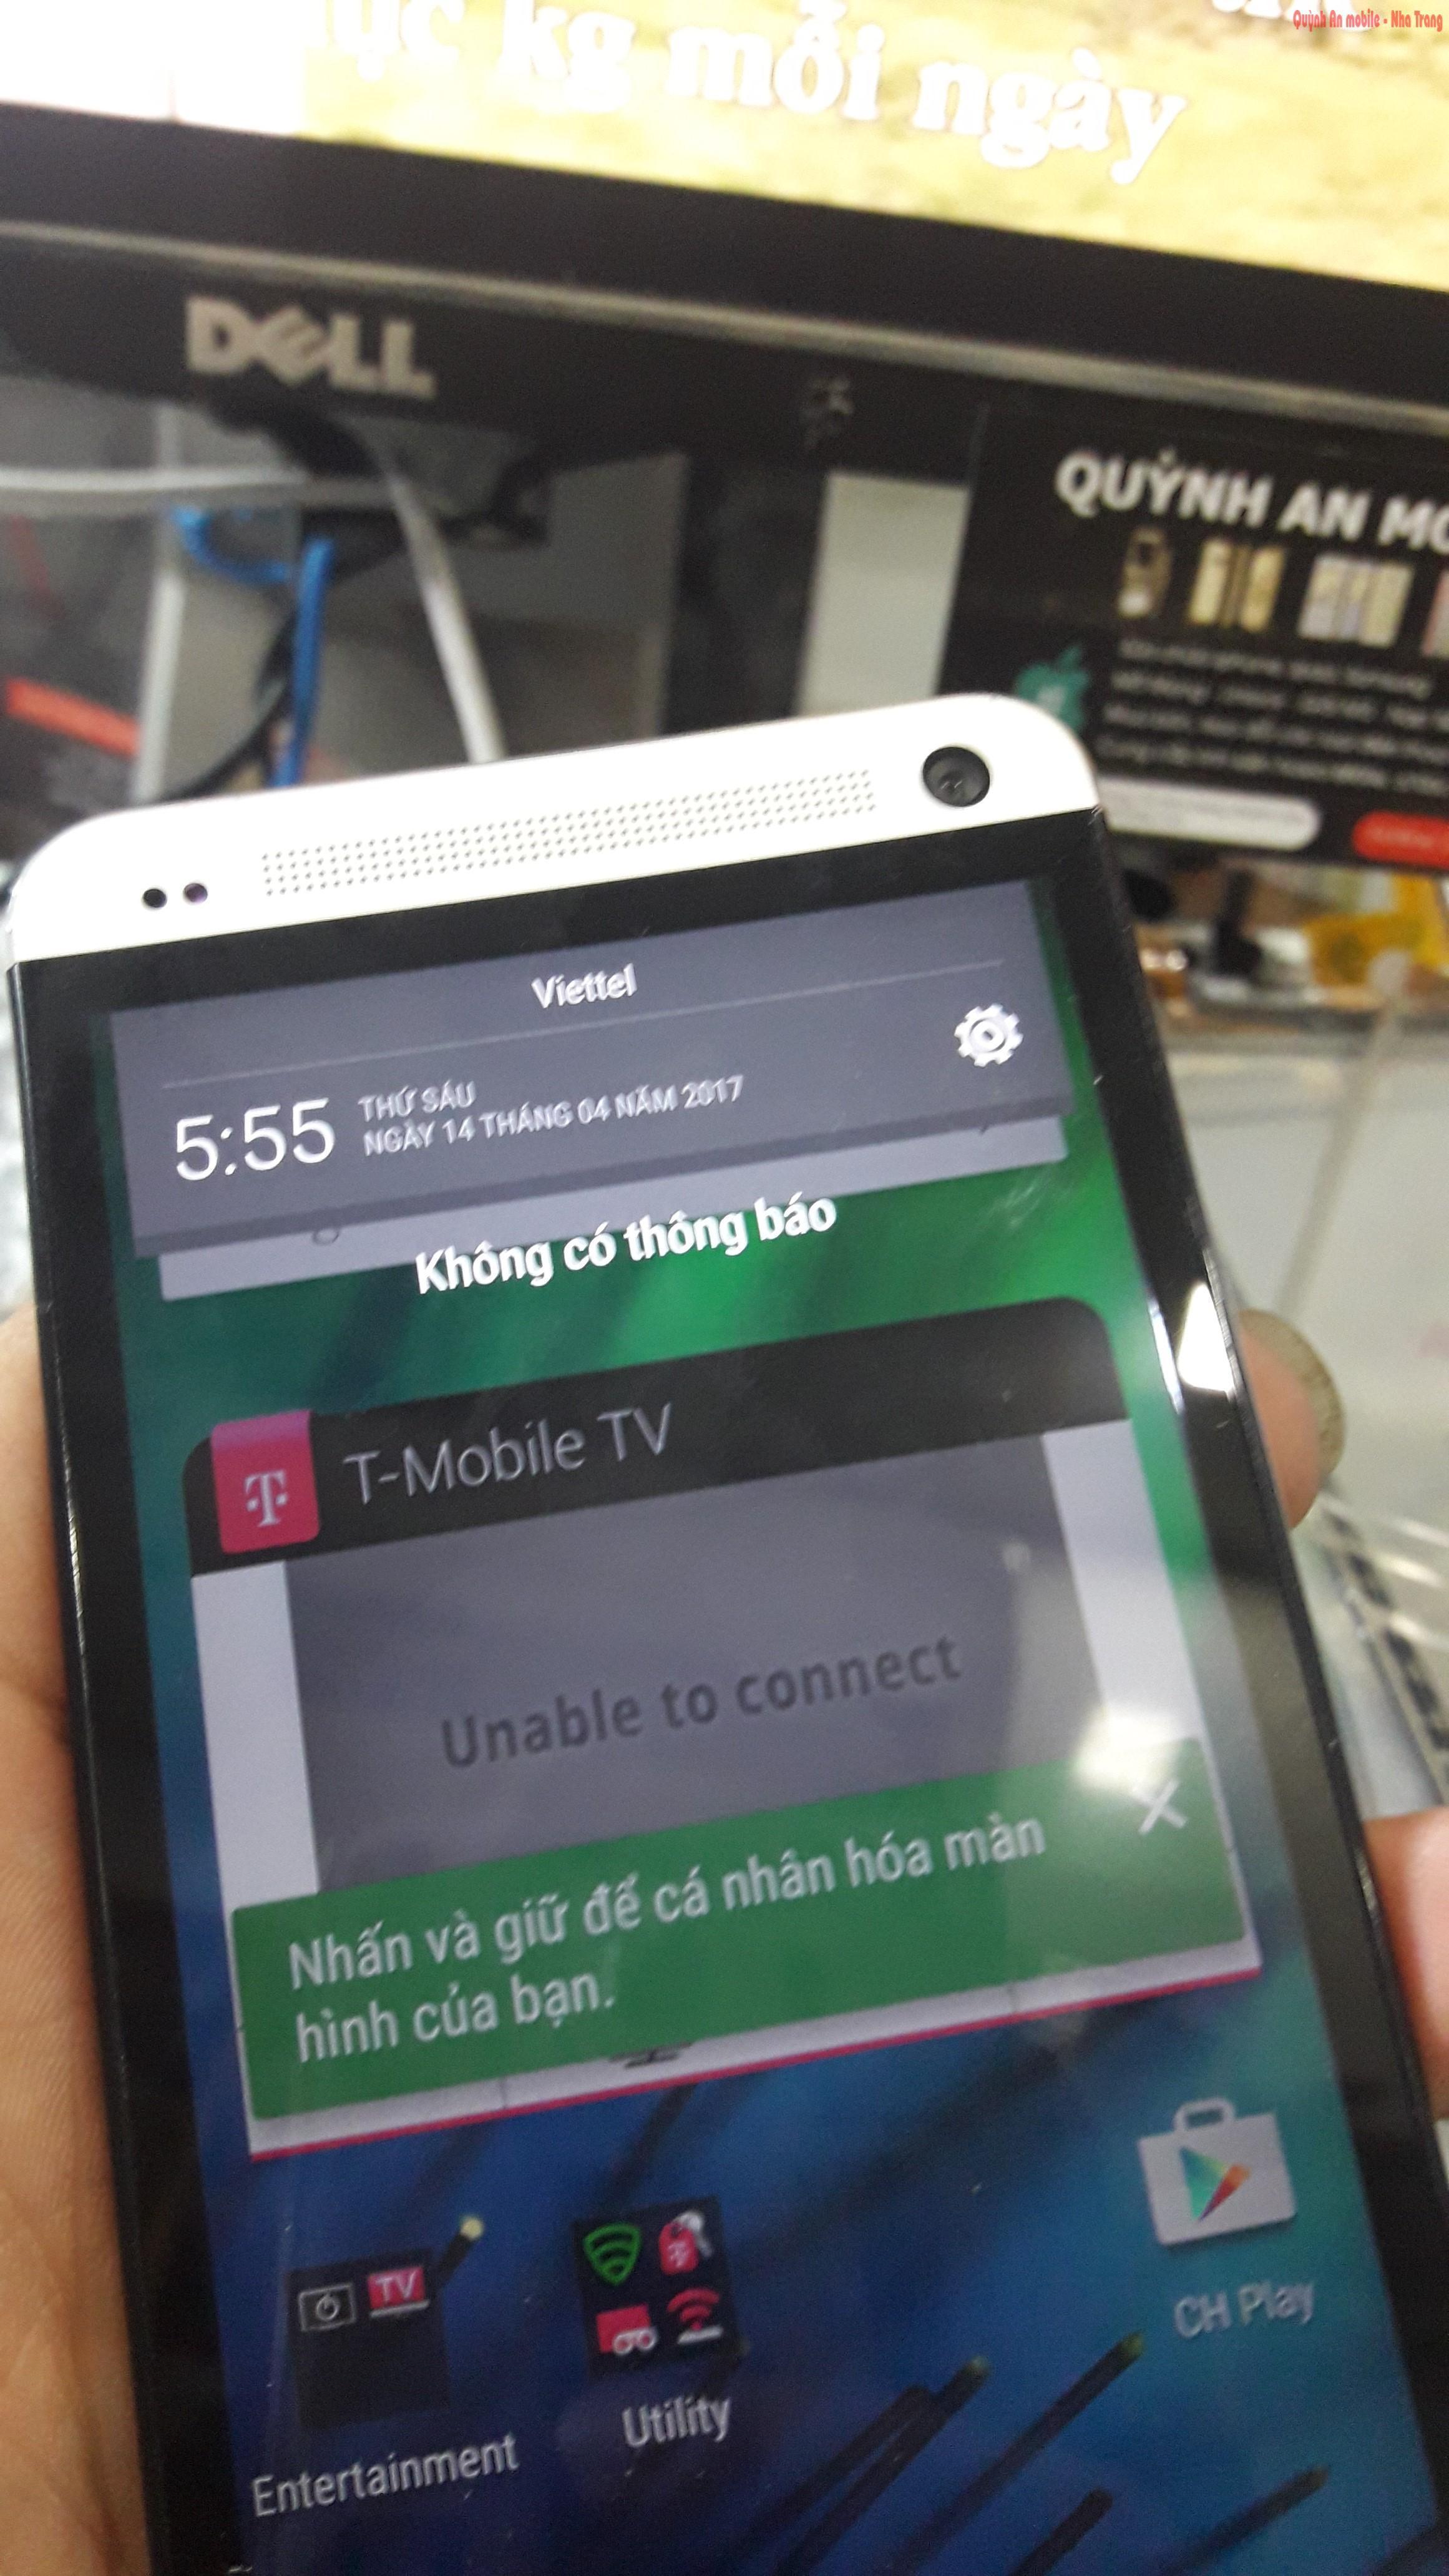 Mở khóa máy HTC M7 xách tay nước ngoài tại Nha Trang liên hệ 0907.62.3999